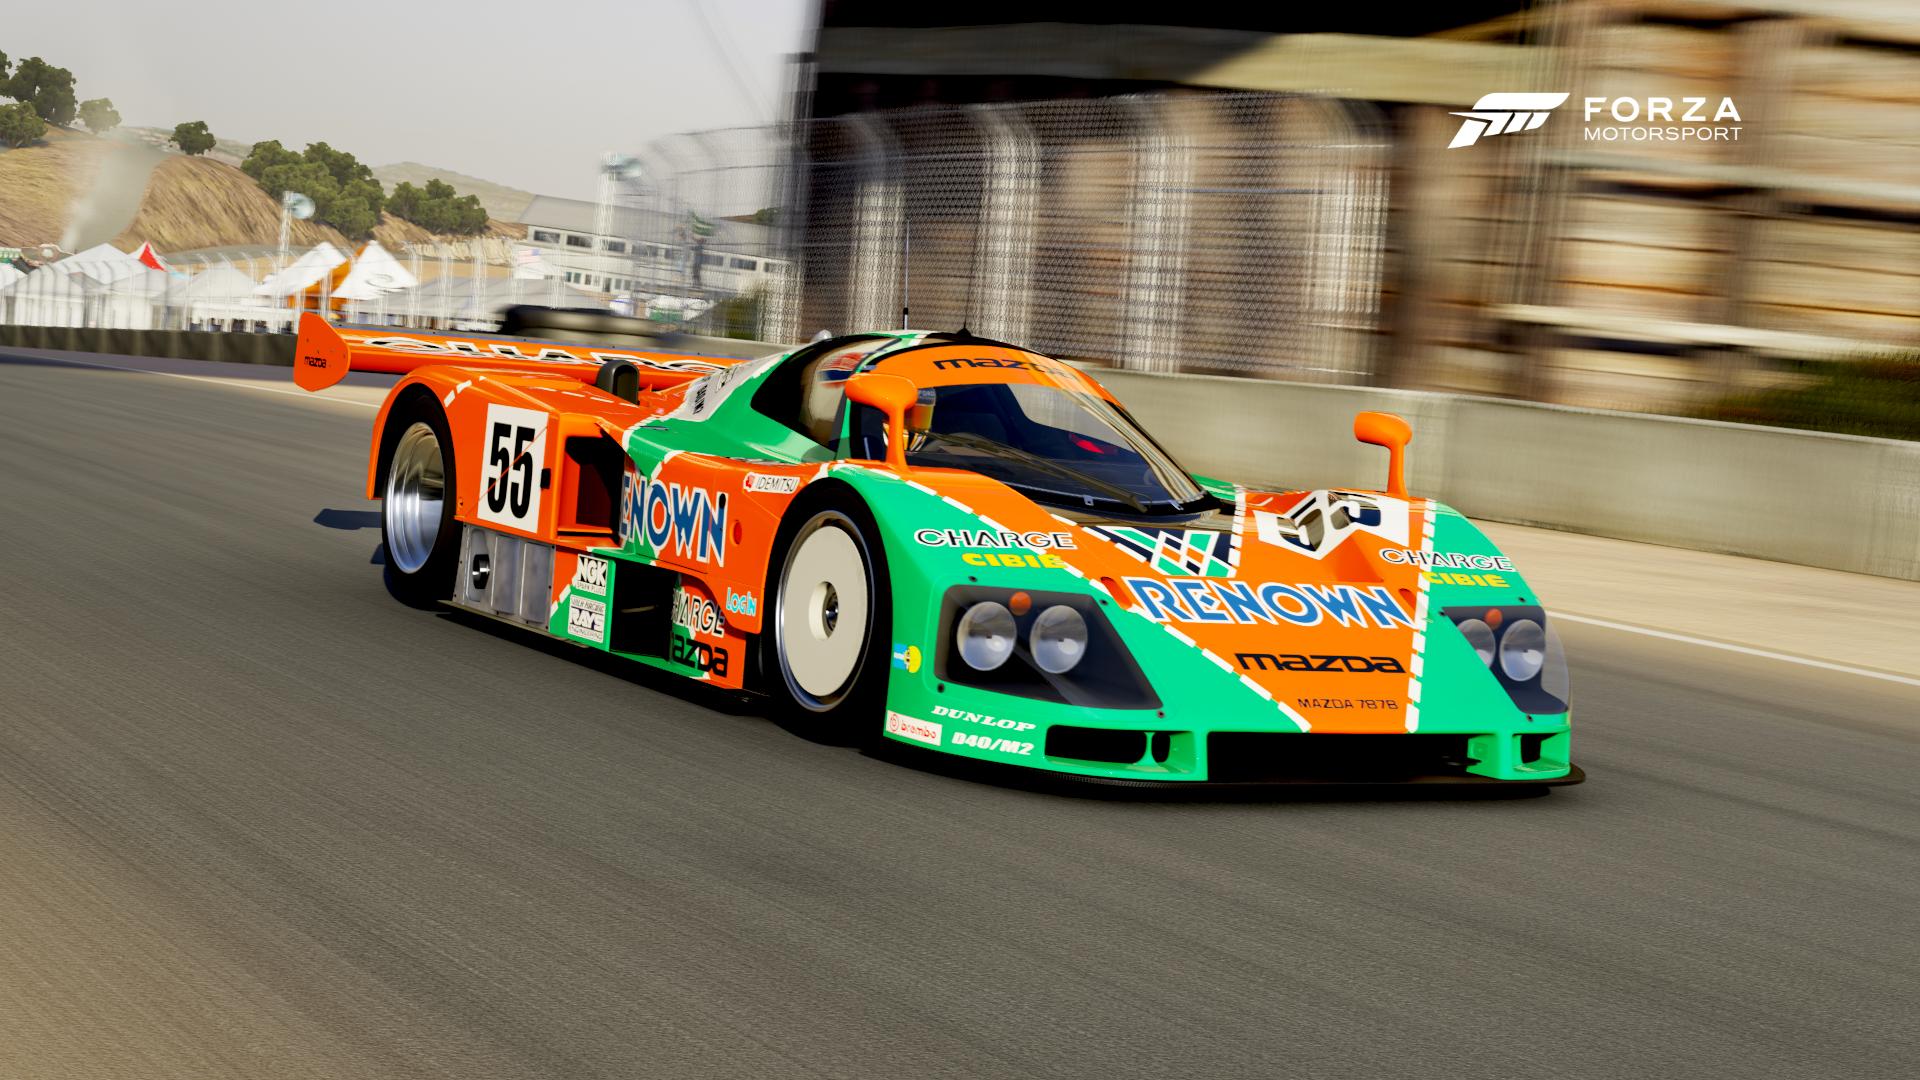 Mazda #55 Mazda 787B | Forza Motorsport Wiki | FANDOM powered by Wikia